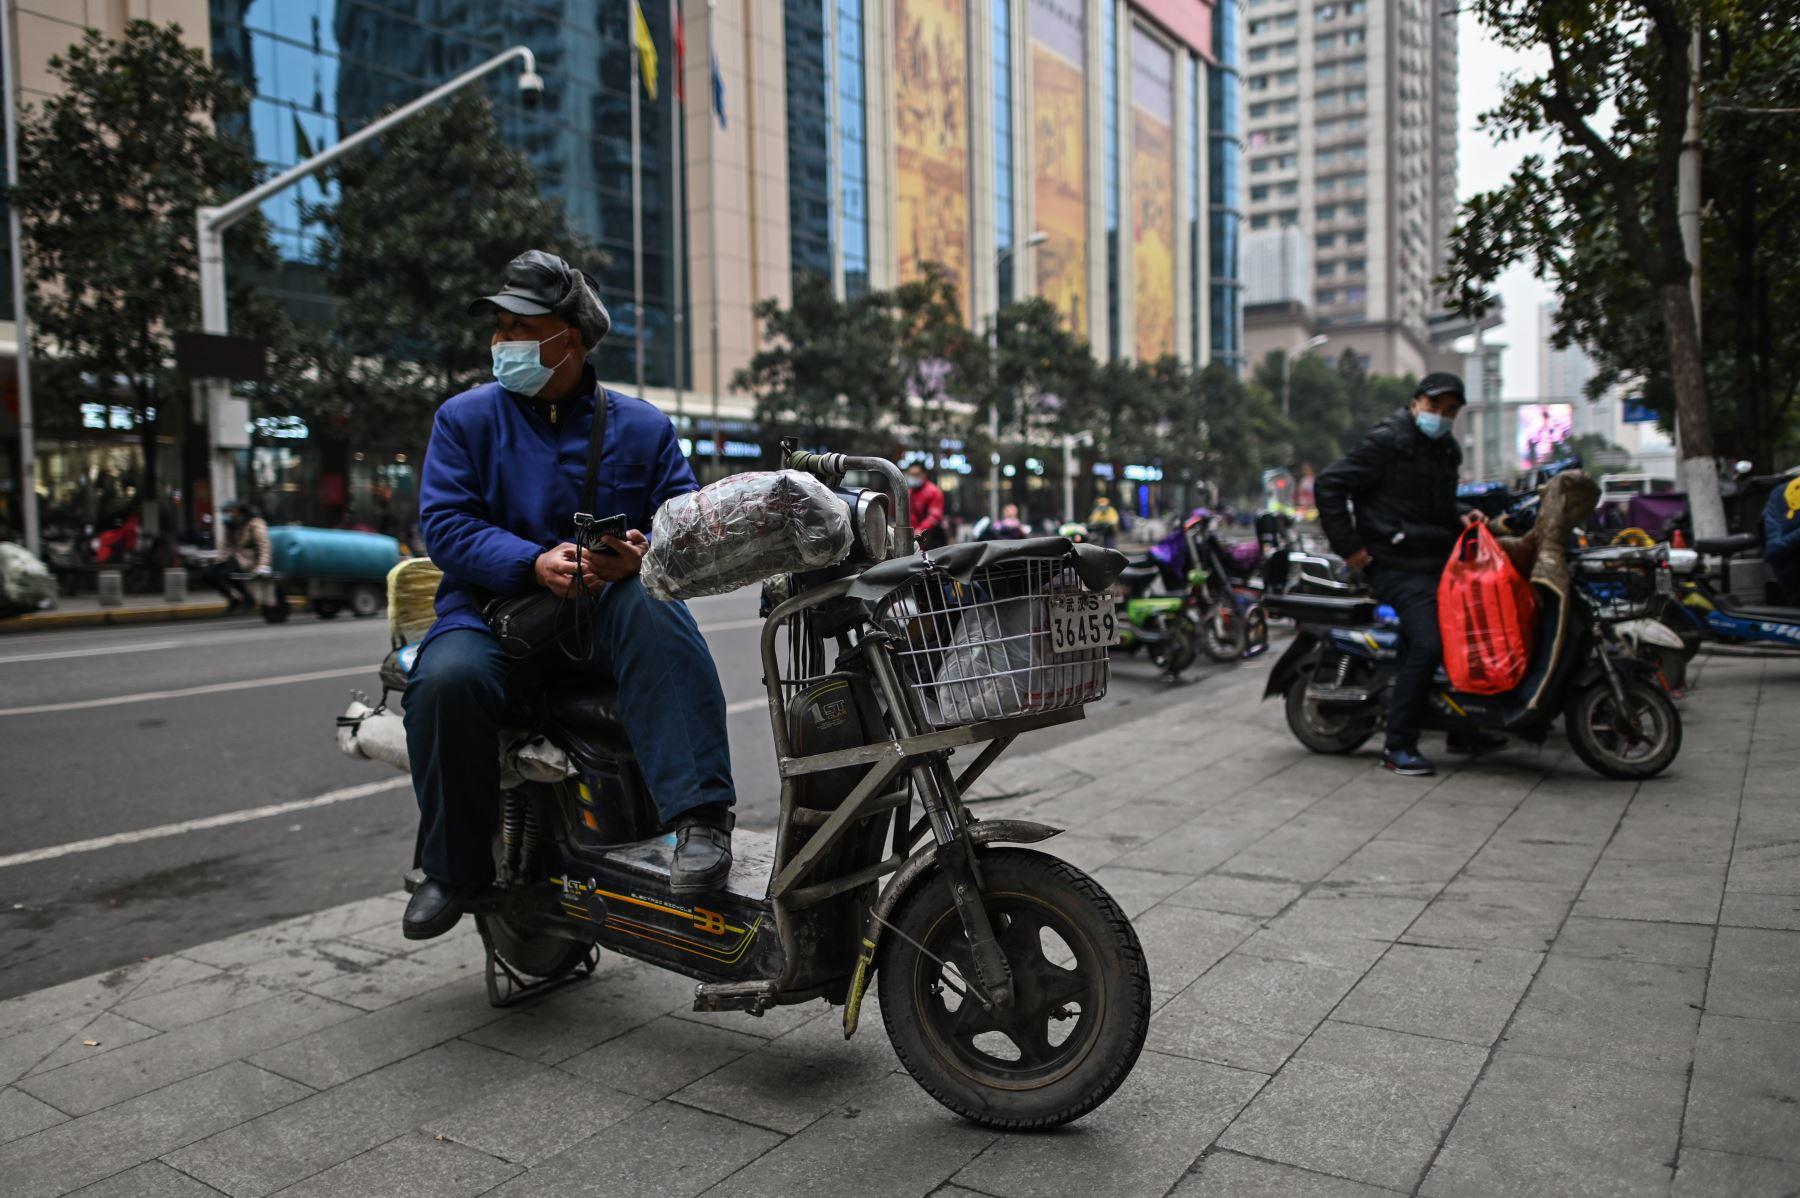 Un hombre que llevaba una mascarilla como medida preventiva contra el coronavirus Covid-19 descansa sobre su scooter en Wuhan. Foto: AFP